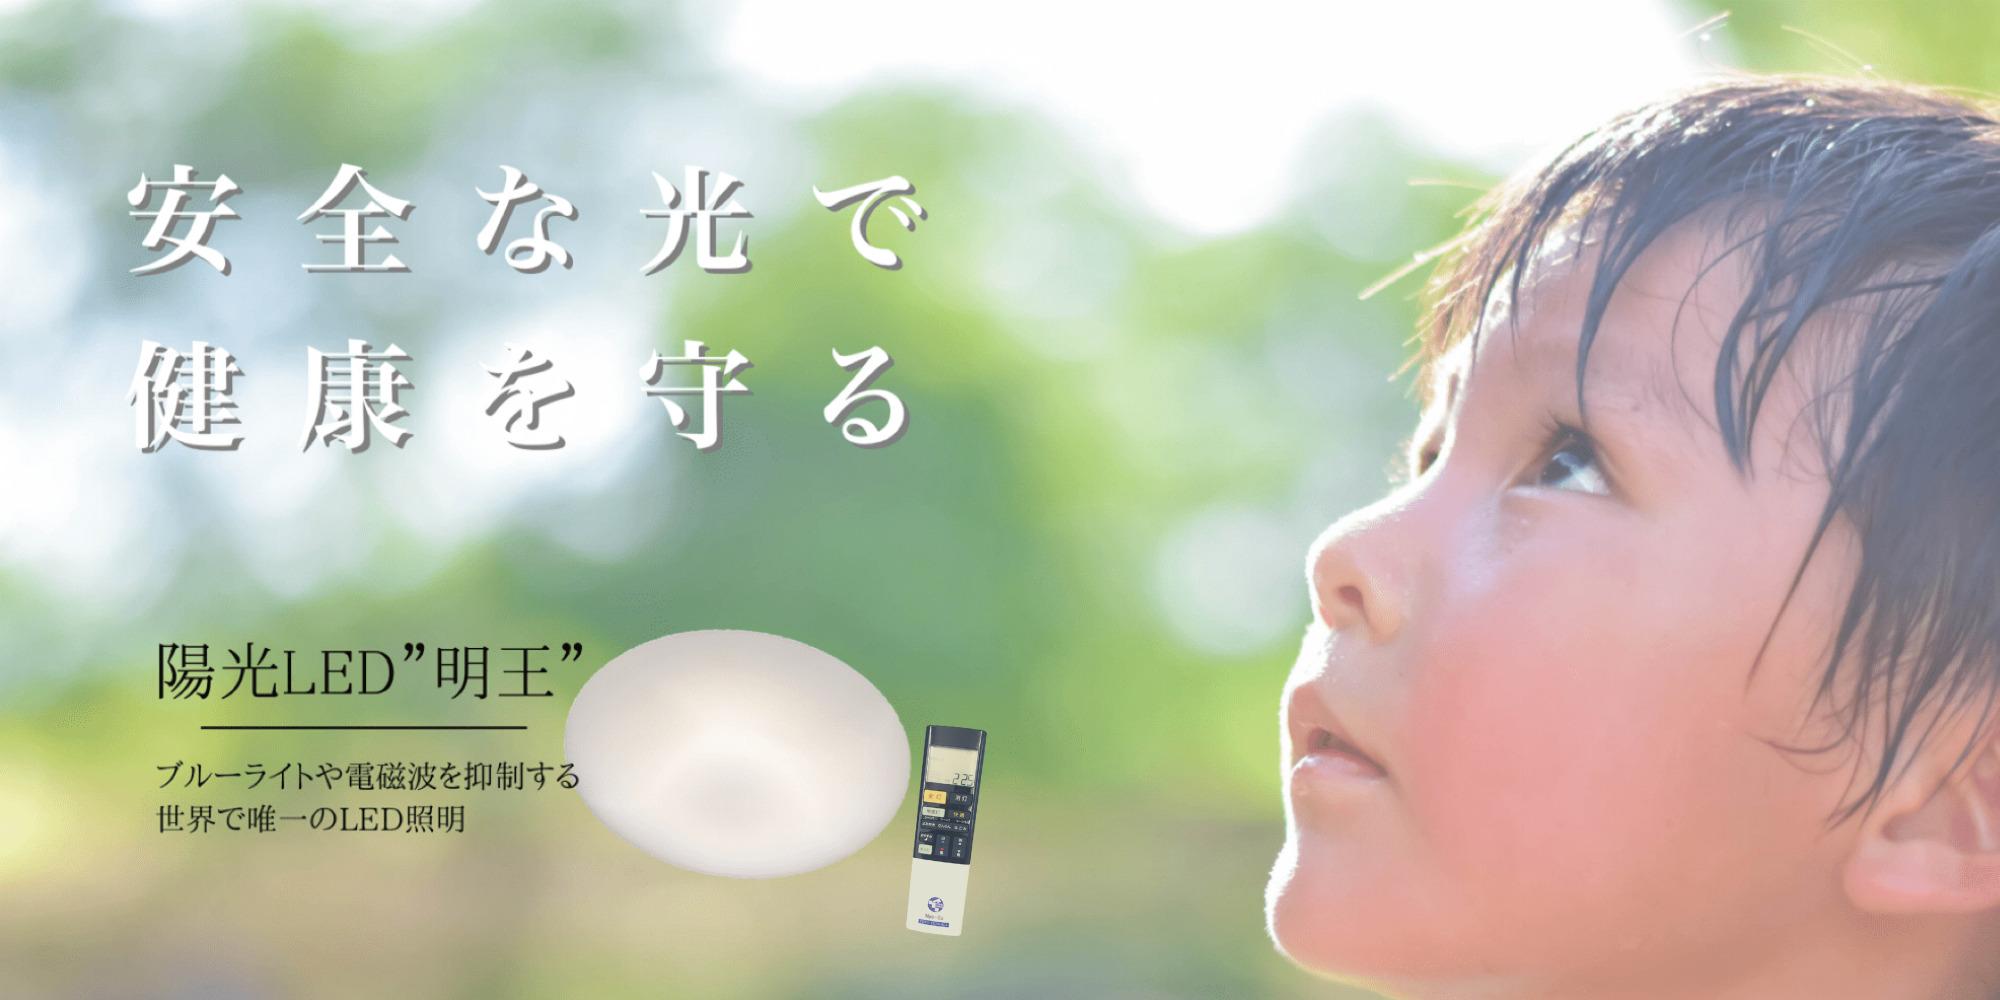 陽光LED「明王」のイメージ画像